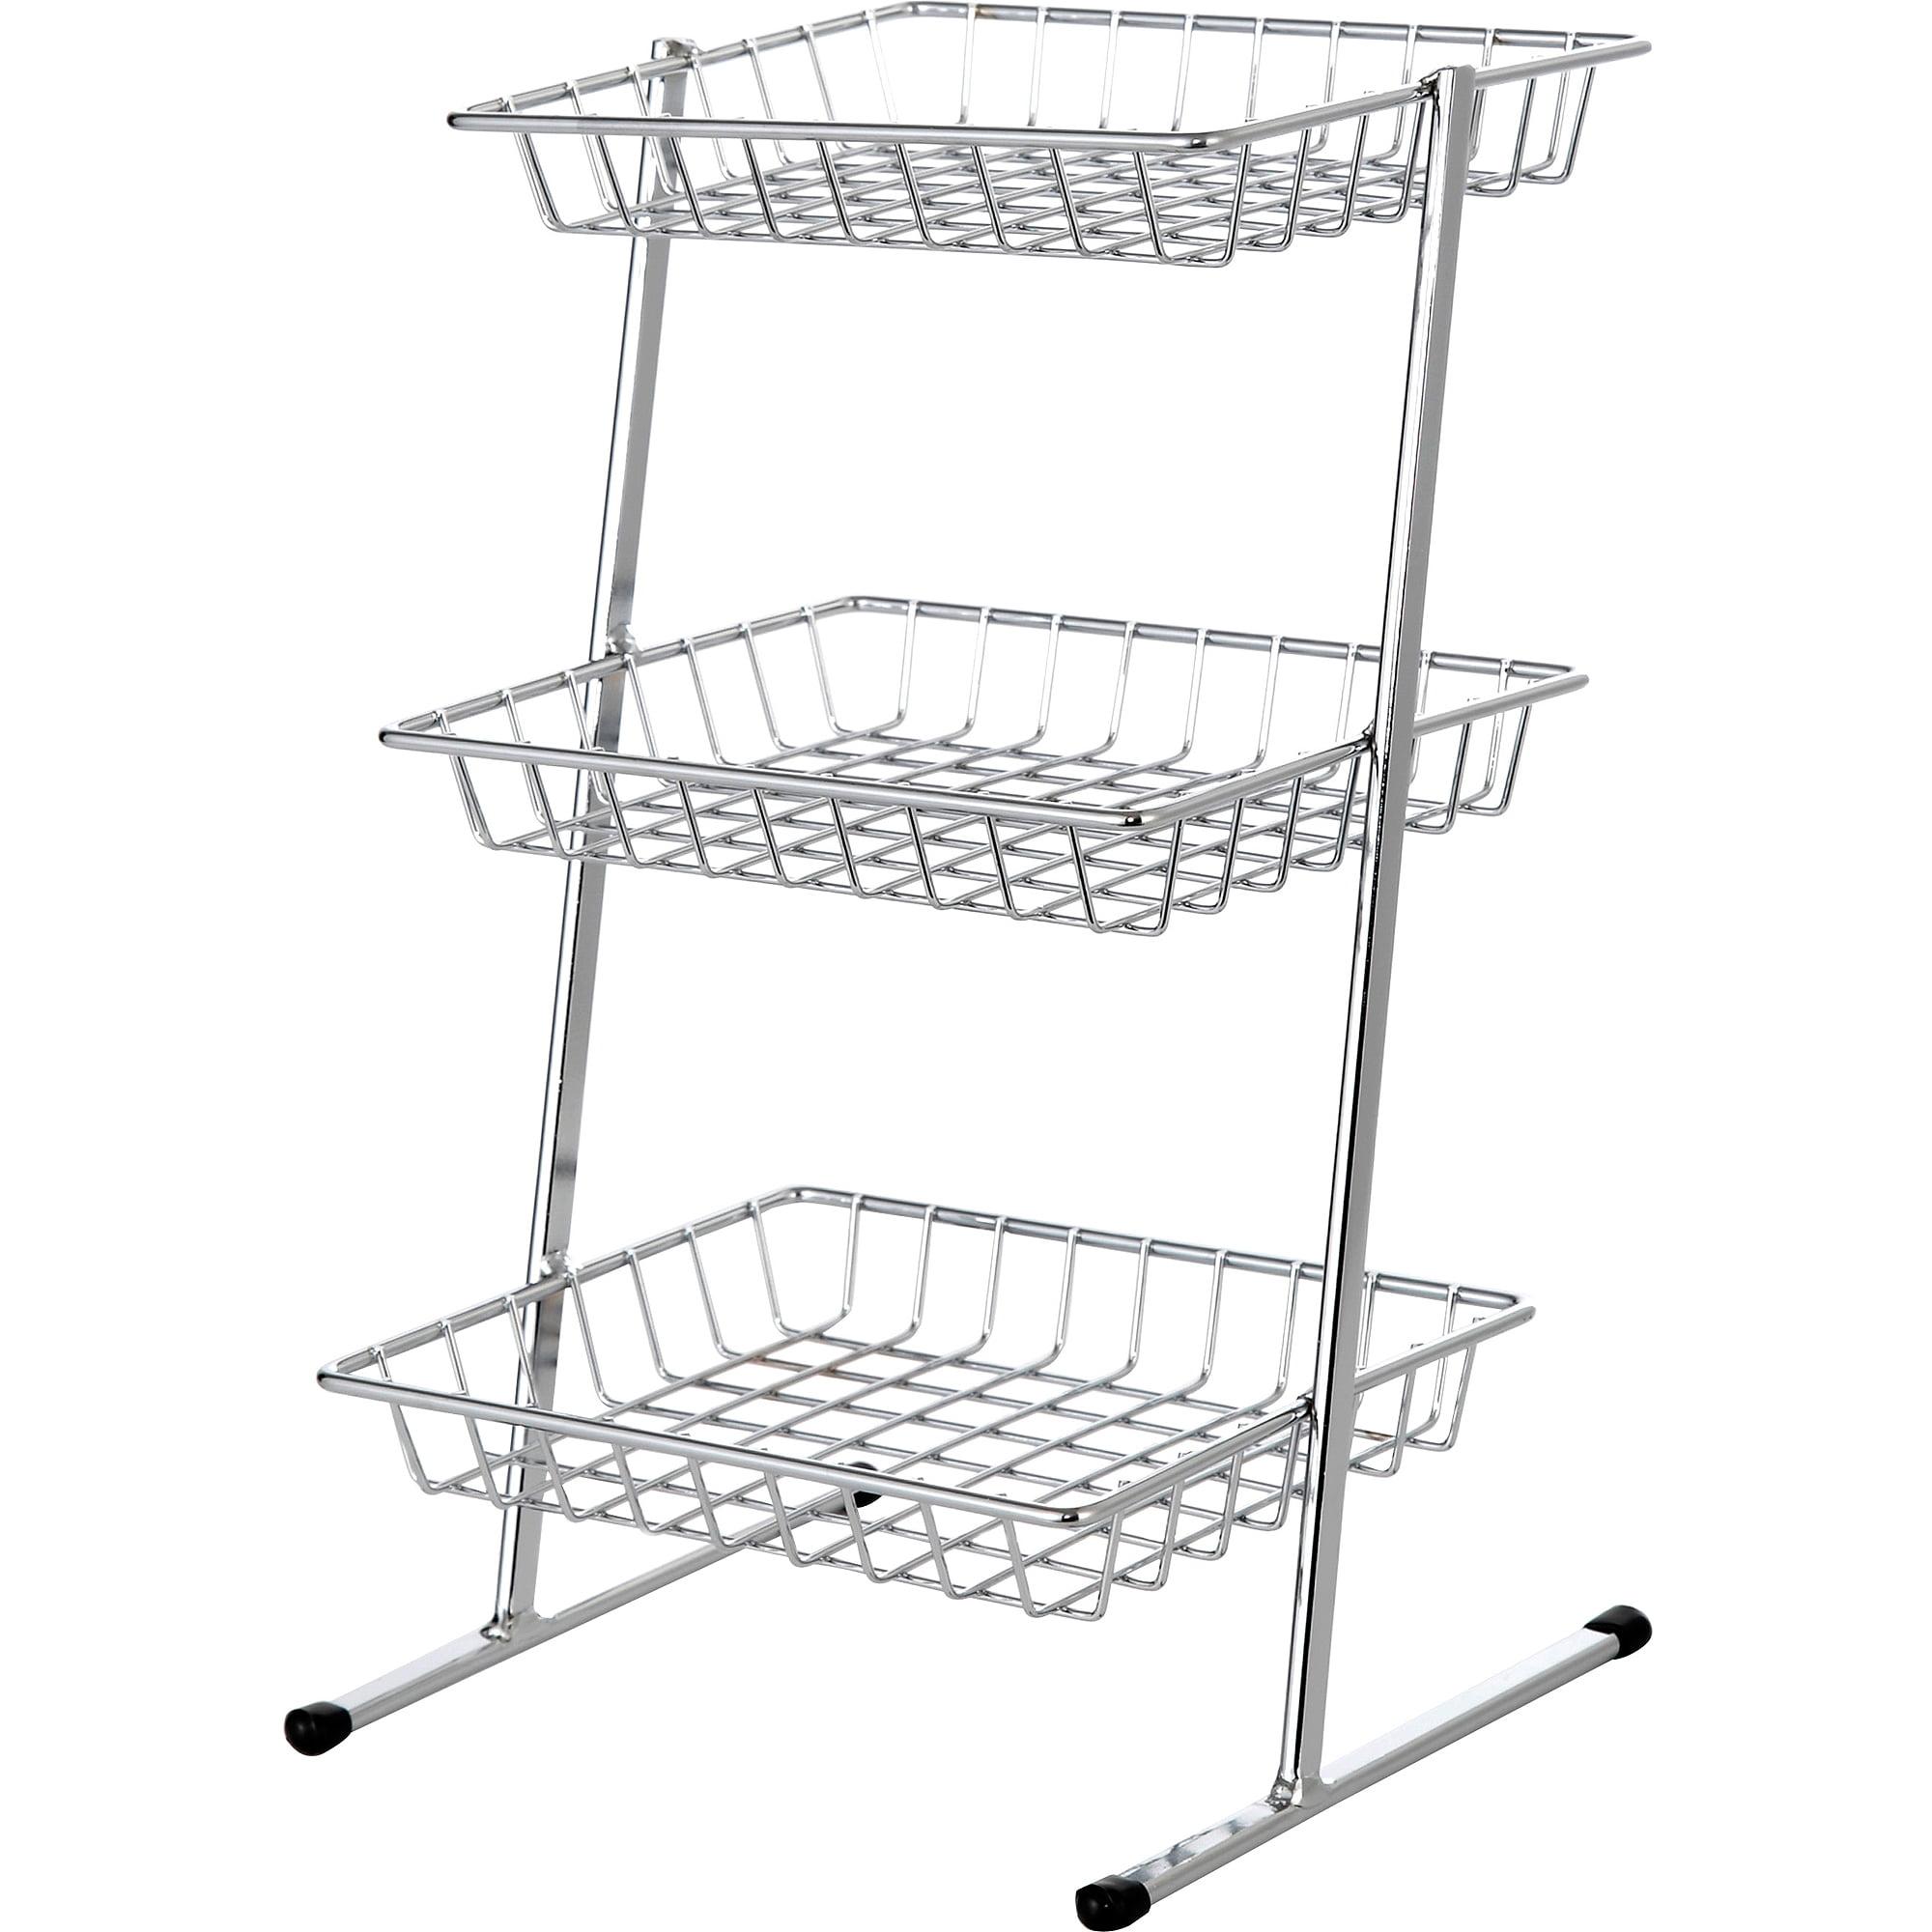 Mainstays 3-Tier Shelf - Walmart.com